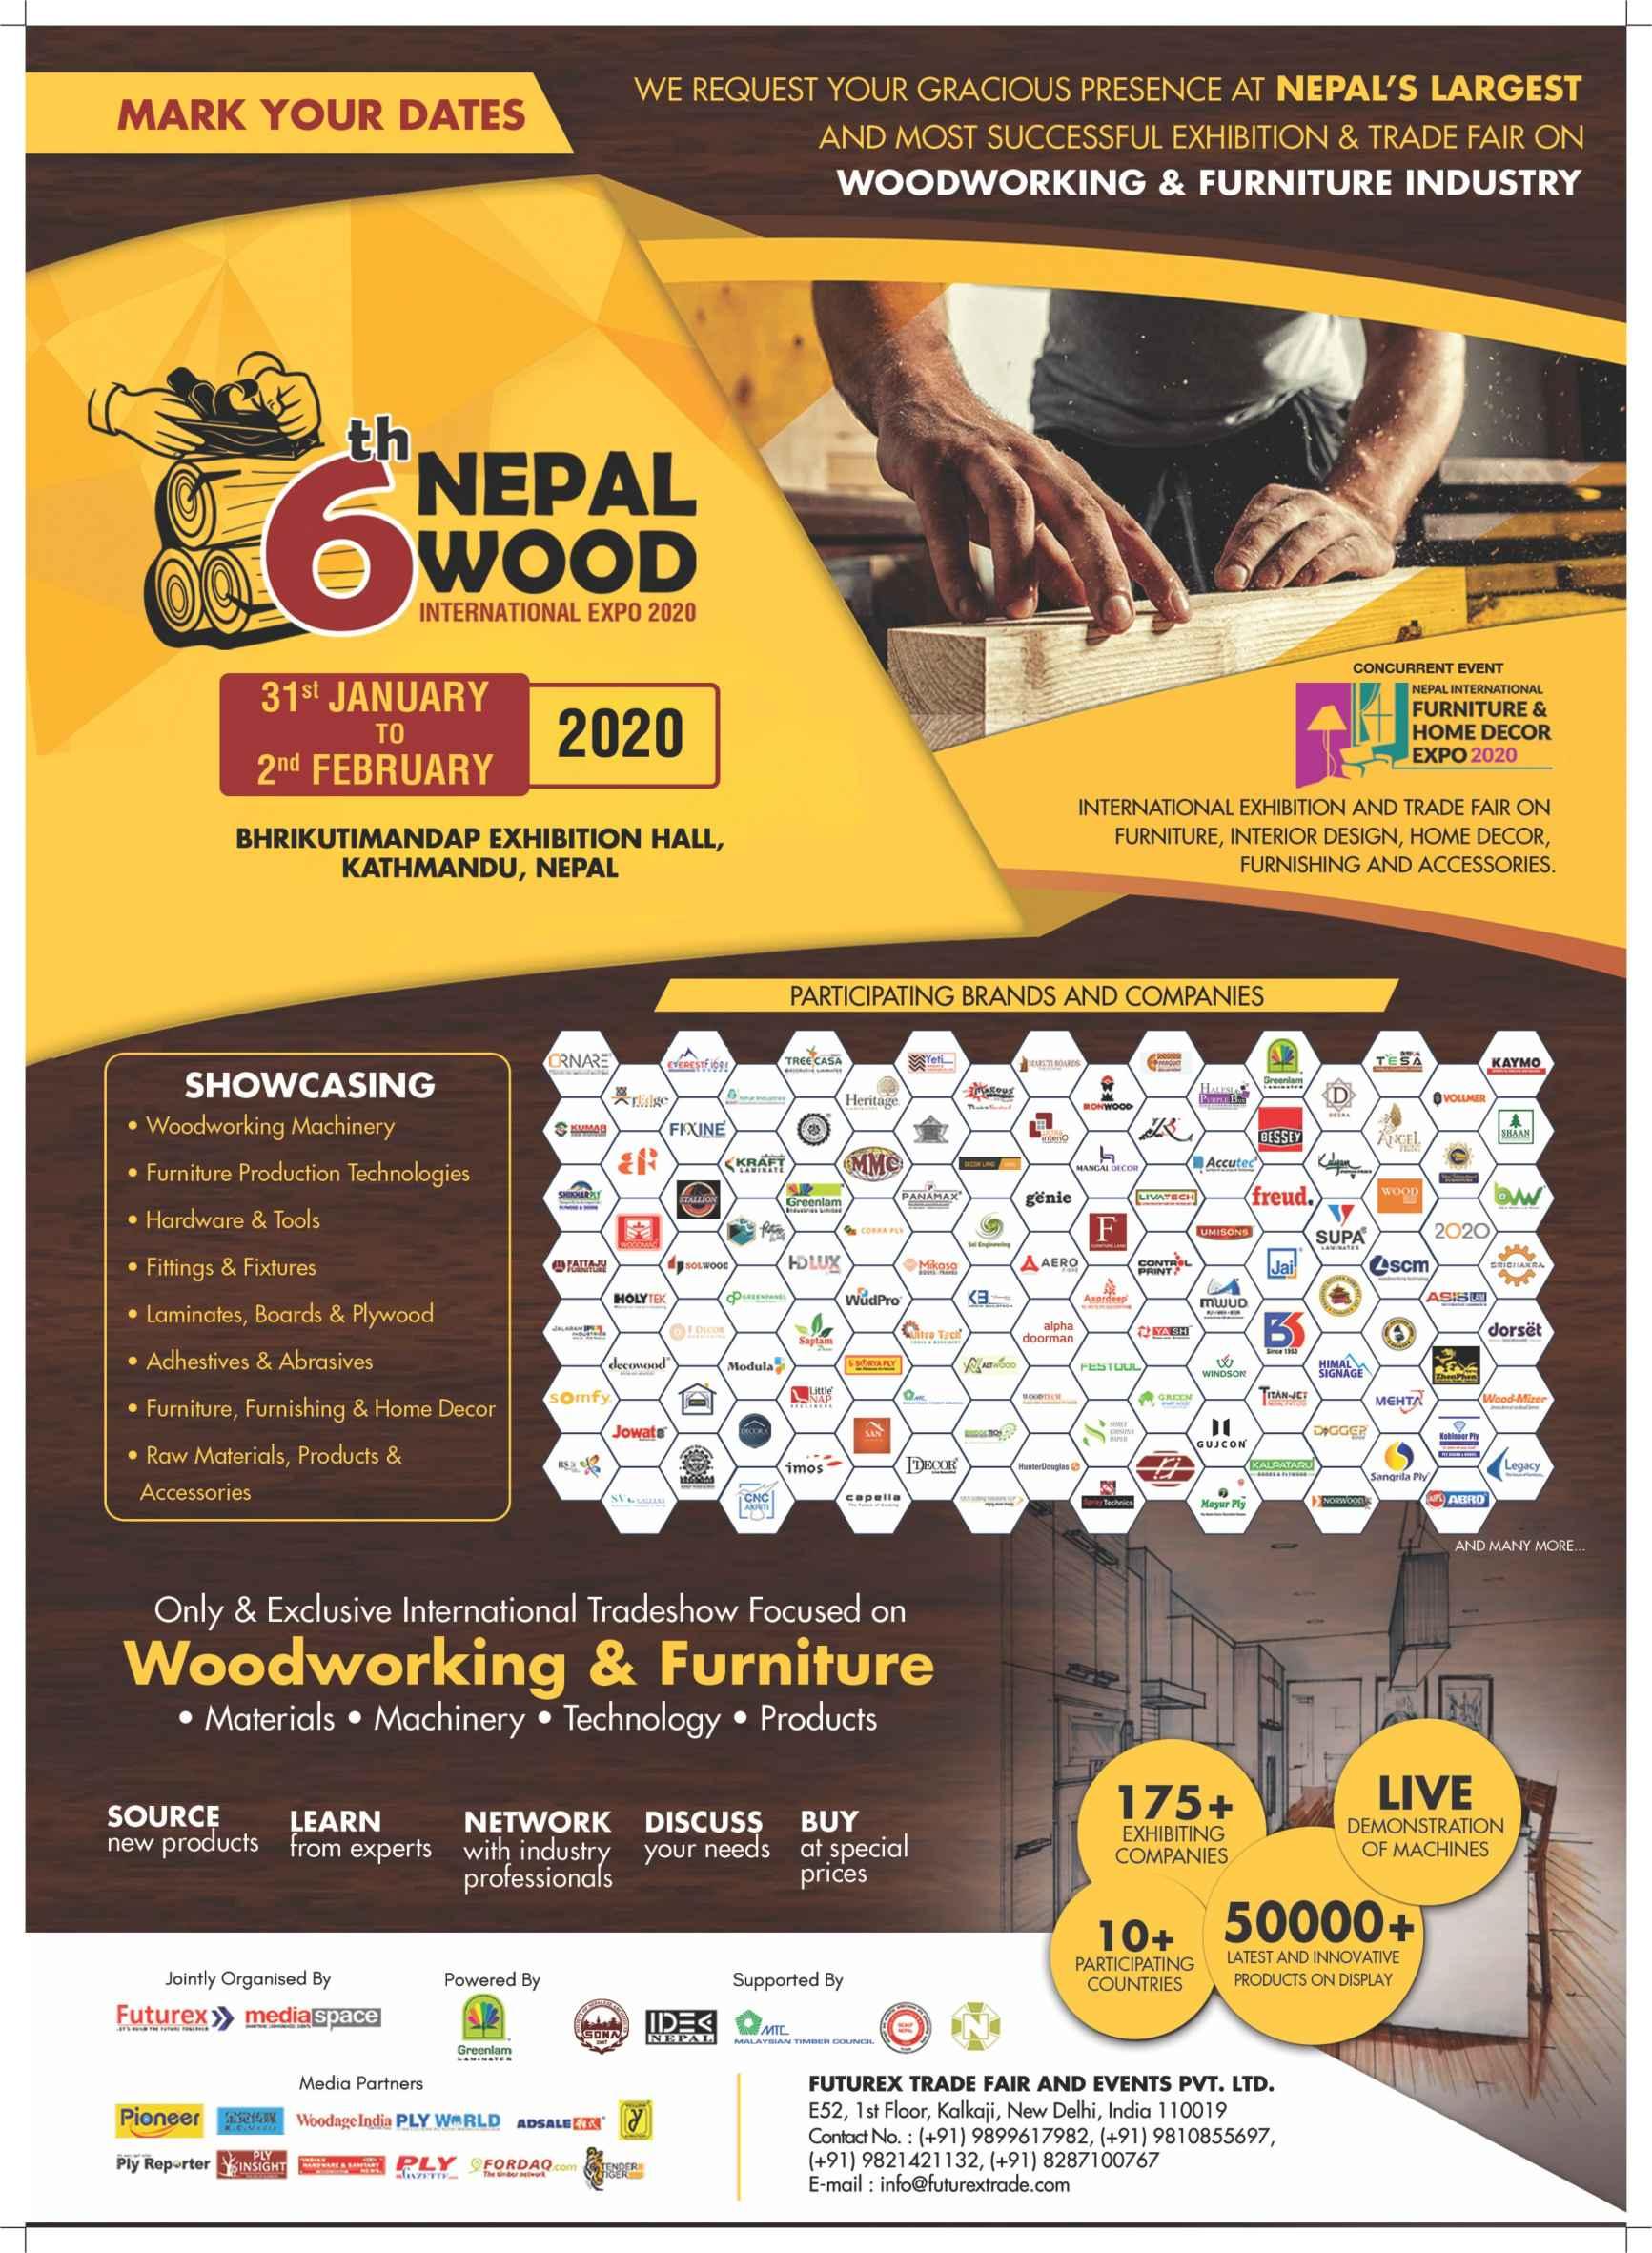 Nepal Wood